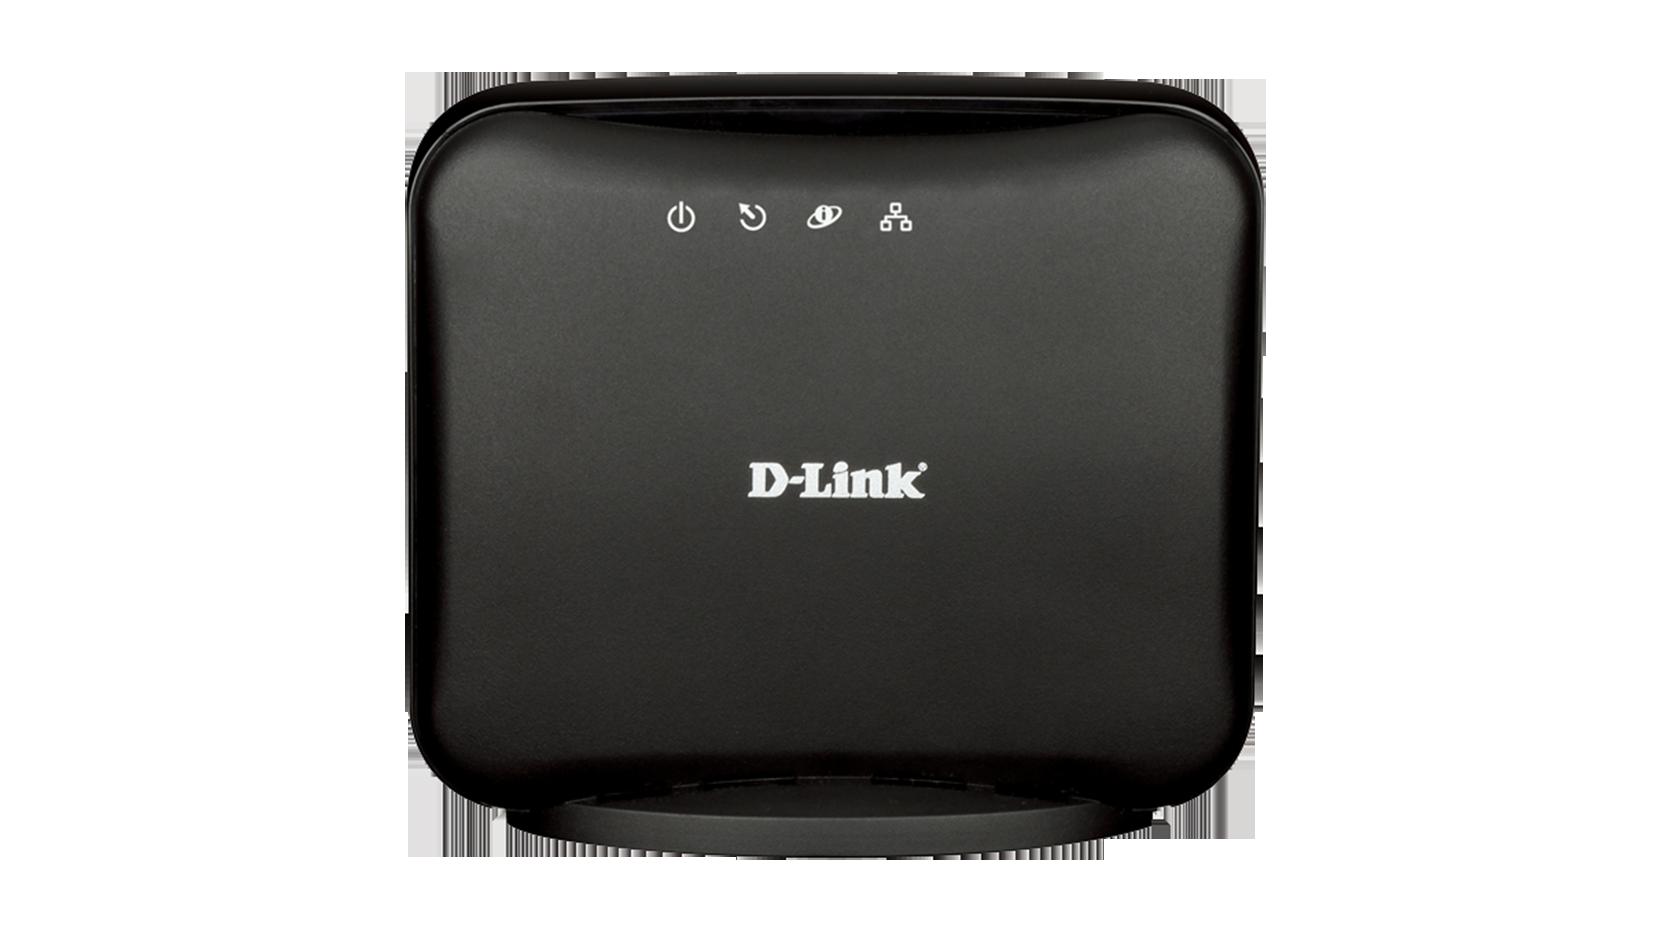 Dsl 320b Adsl2 Ethernet Modem D Link Uk